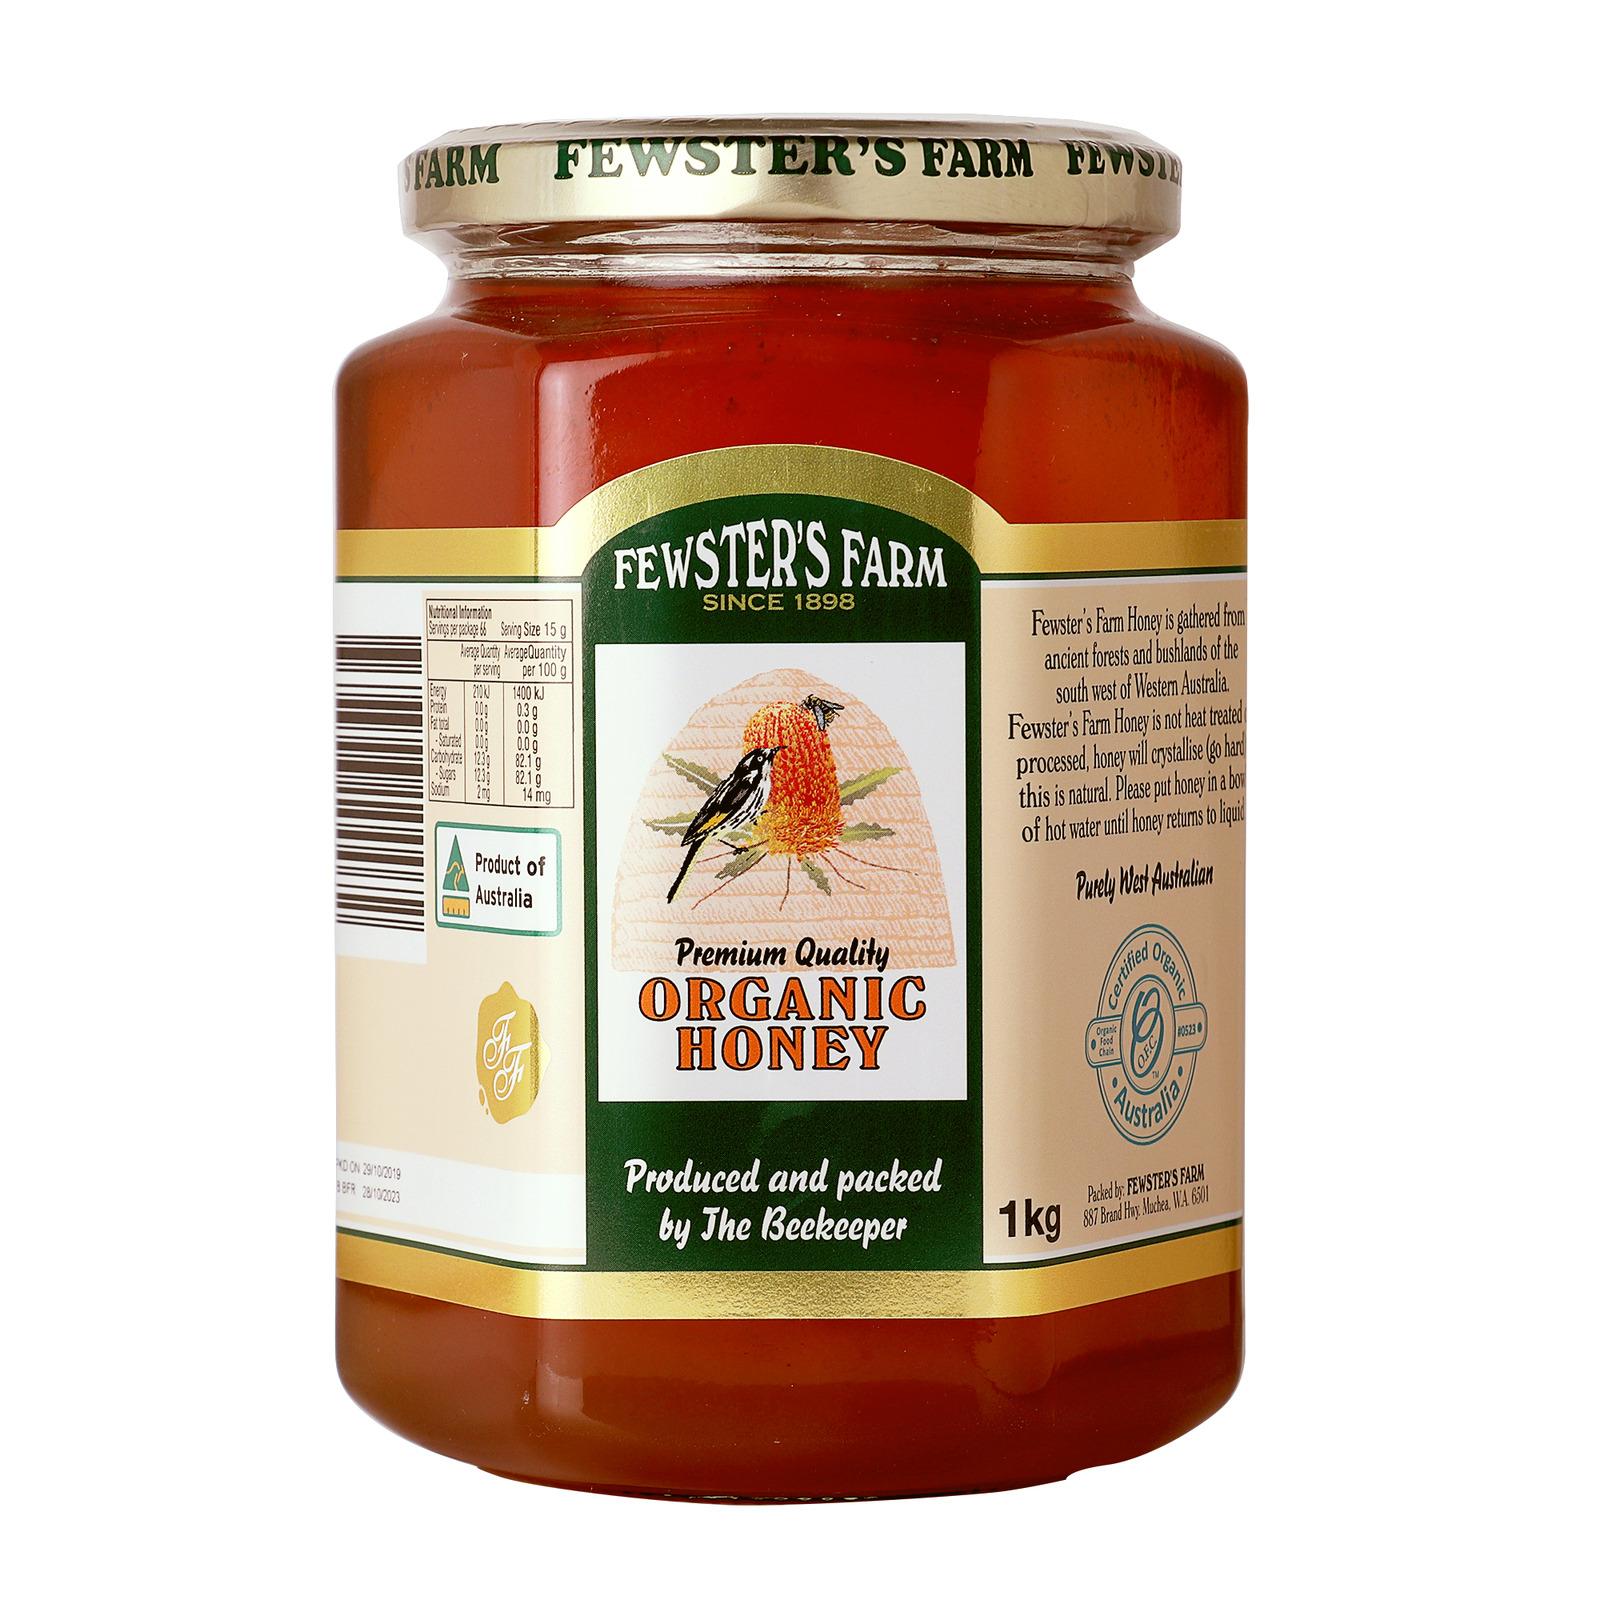 Fewster's Farm Organic Honey